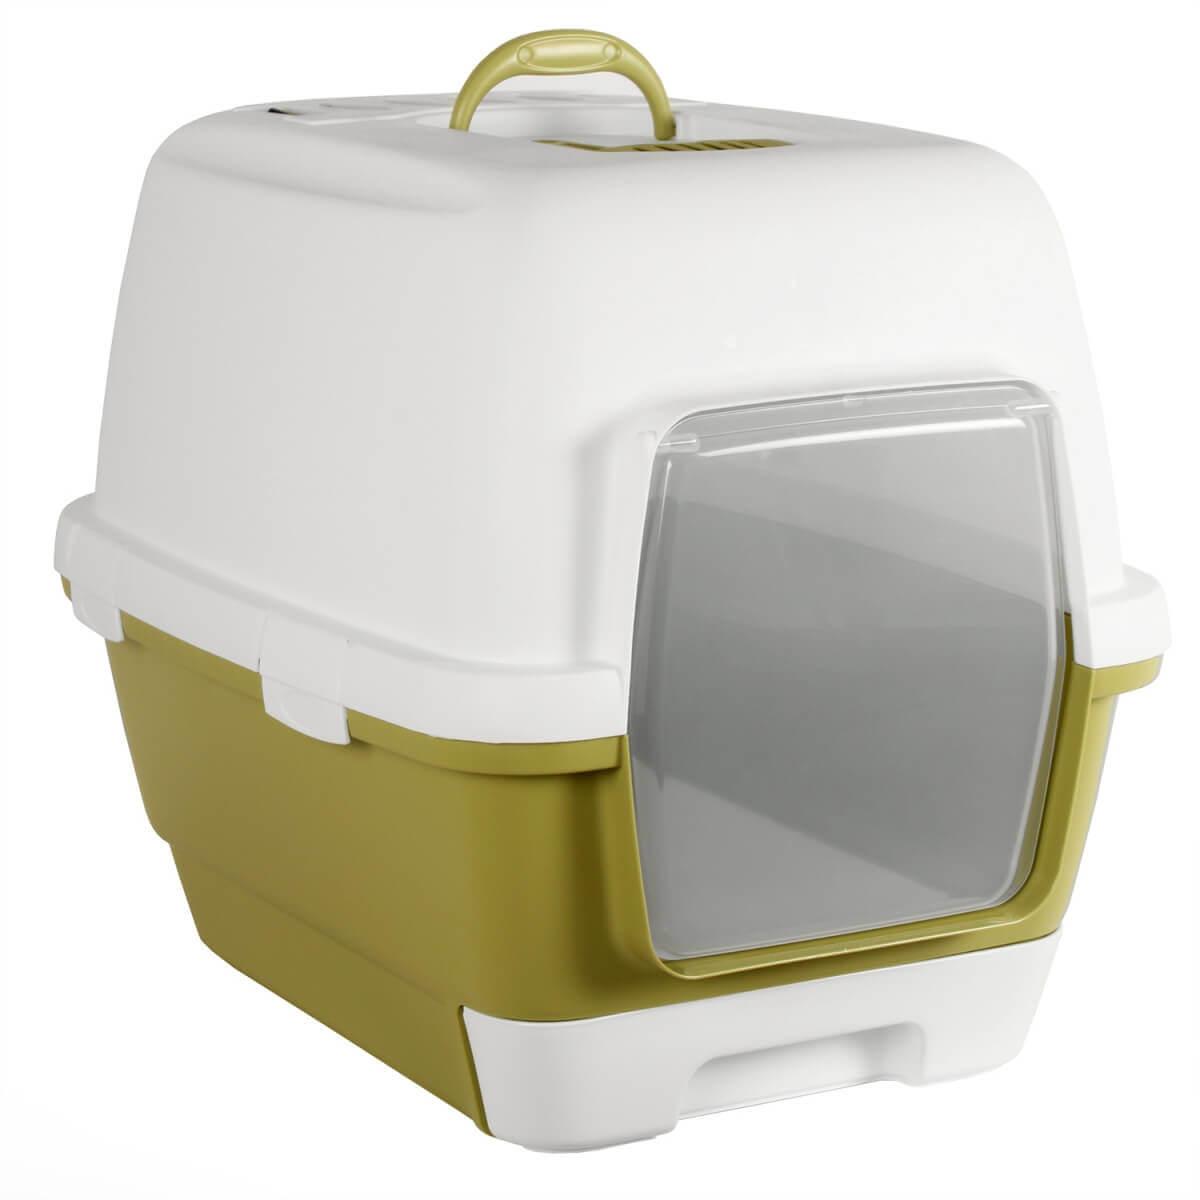 maison de toilette cathy clever pour chat bac et maison de toilette. Black Bedroom Furniture Sets. Home Design Ideas